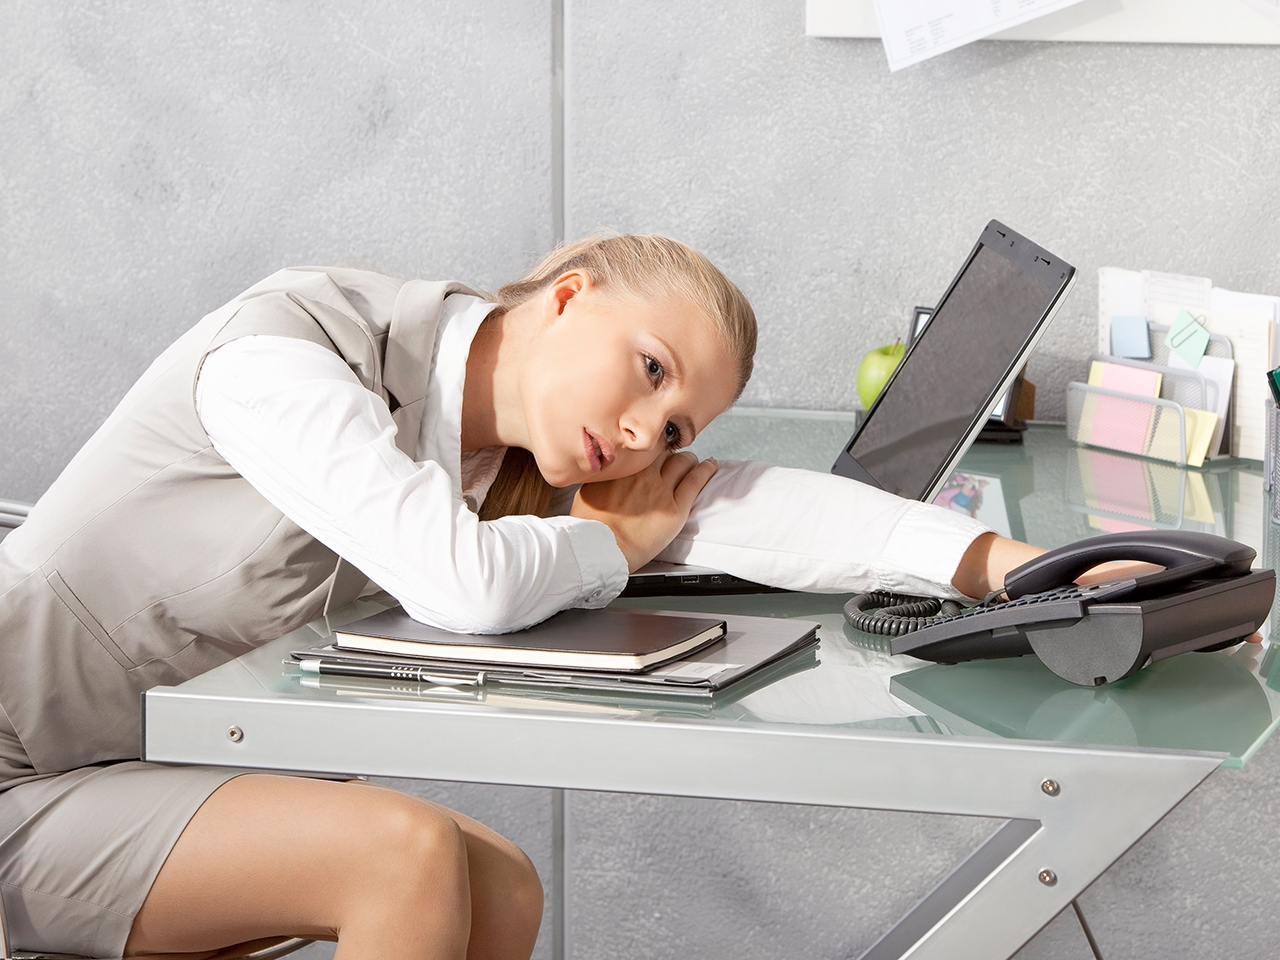 5 эффективных способов избежать переутомления